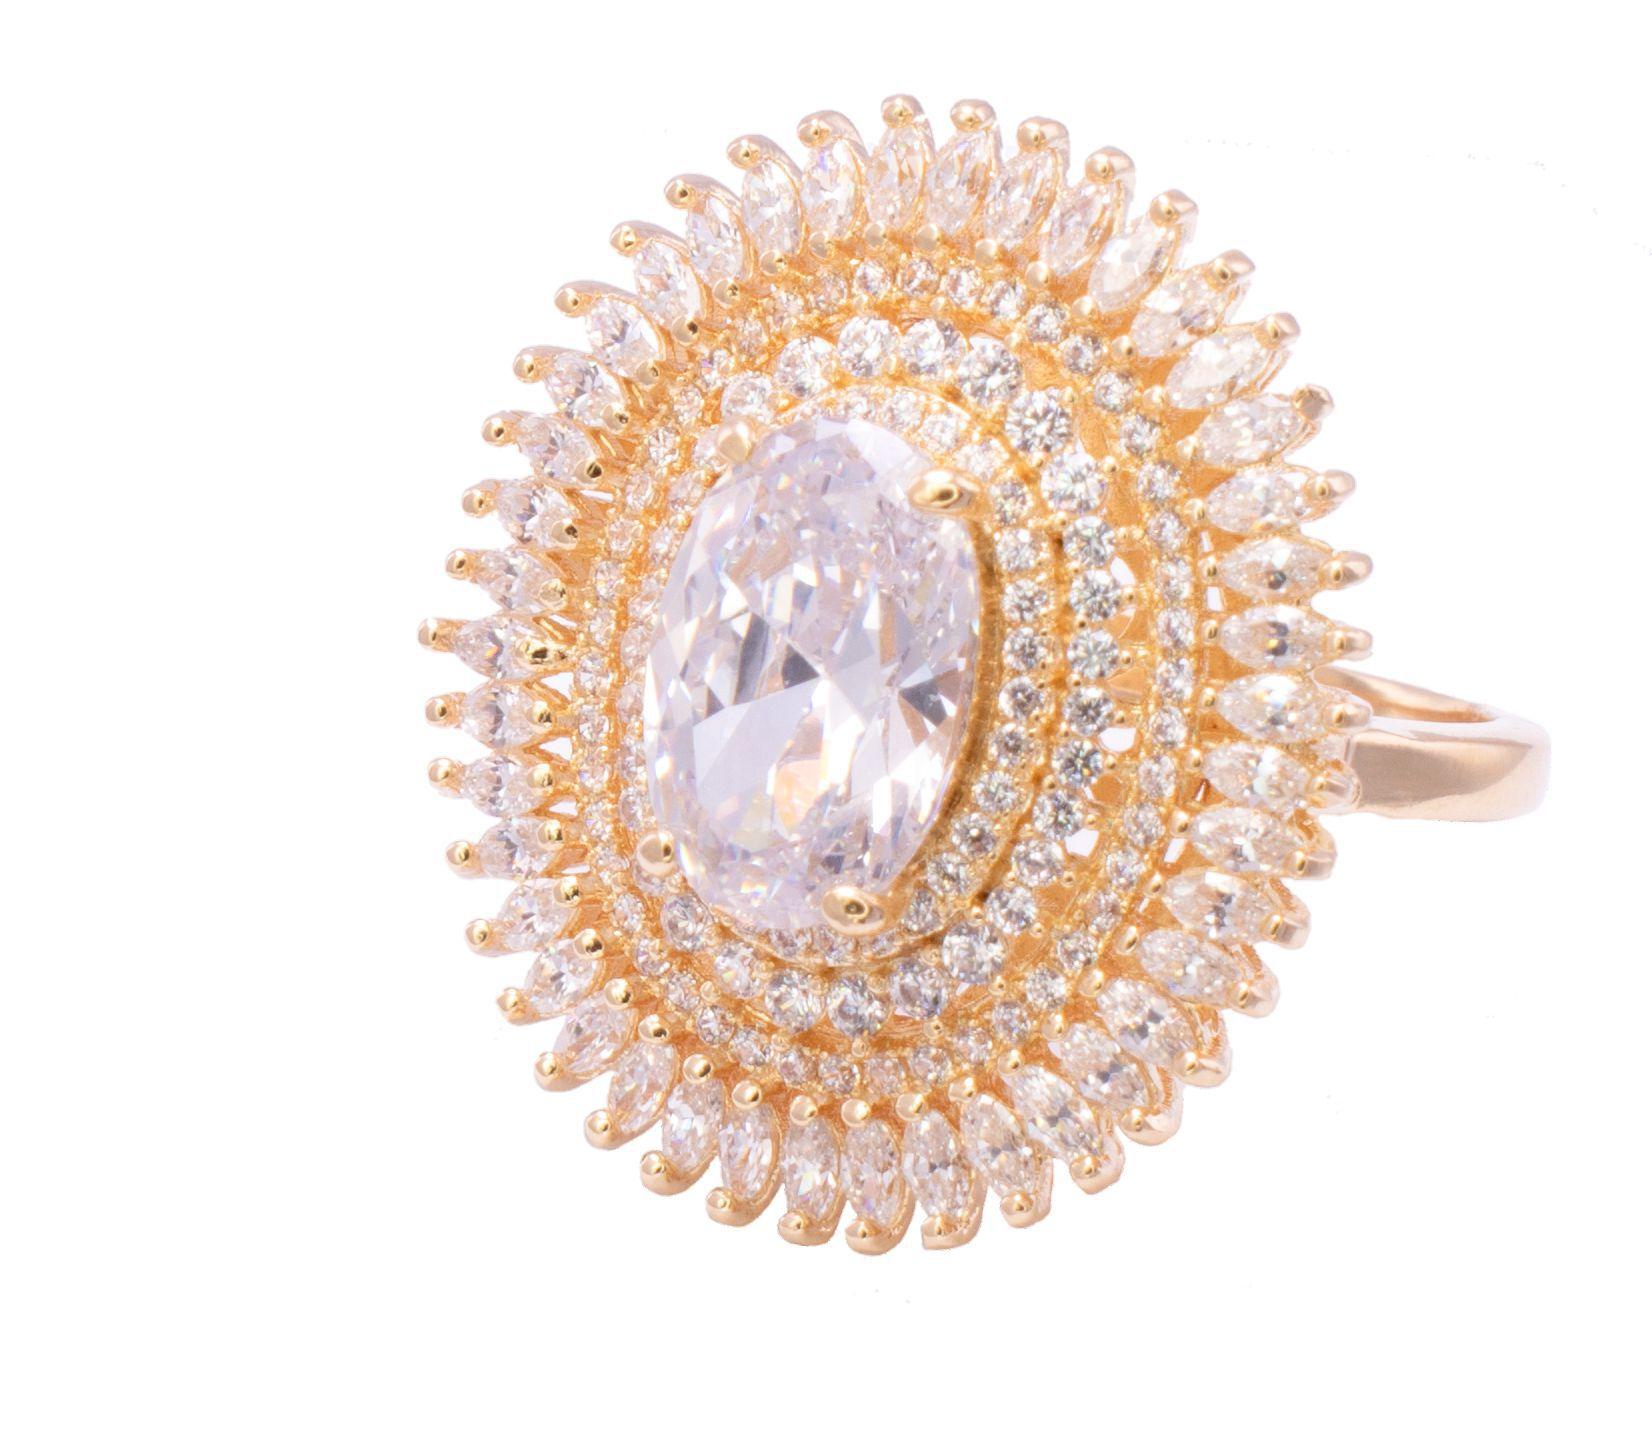 Anel com Cristal e Pedra Zircônia Incolor Banho Ouro 18k - Giro Semijoias